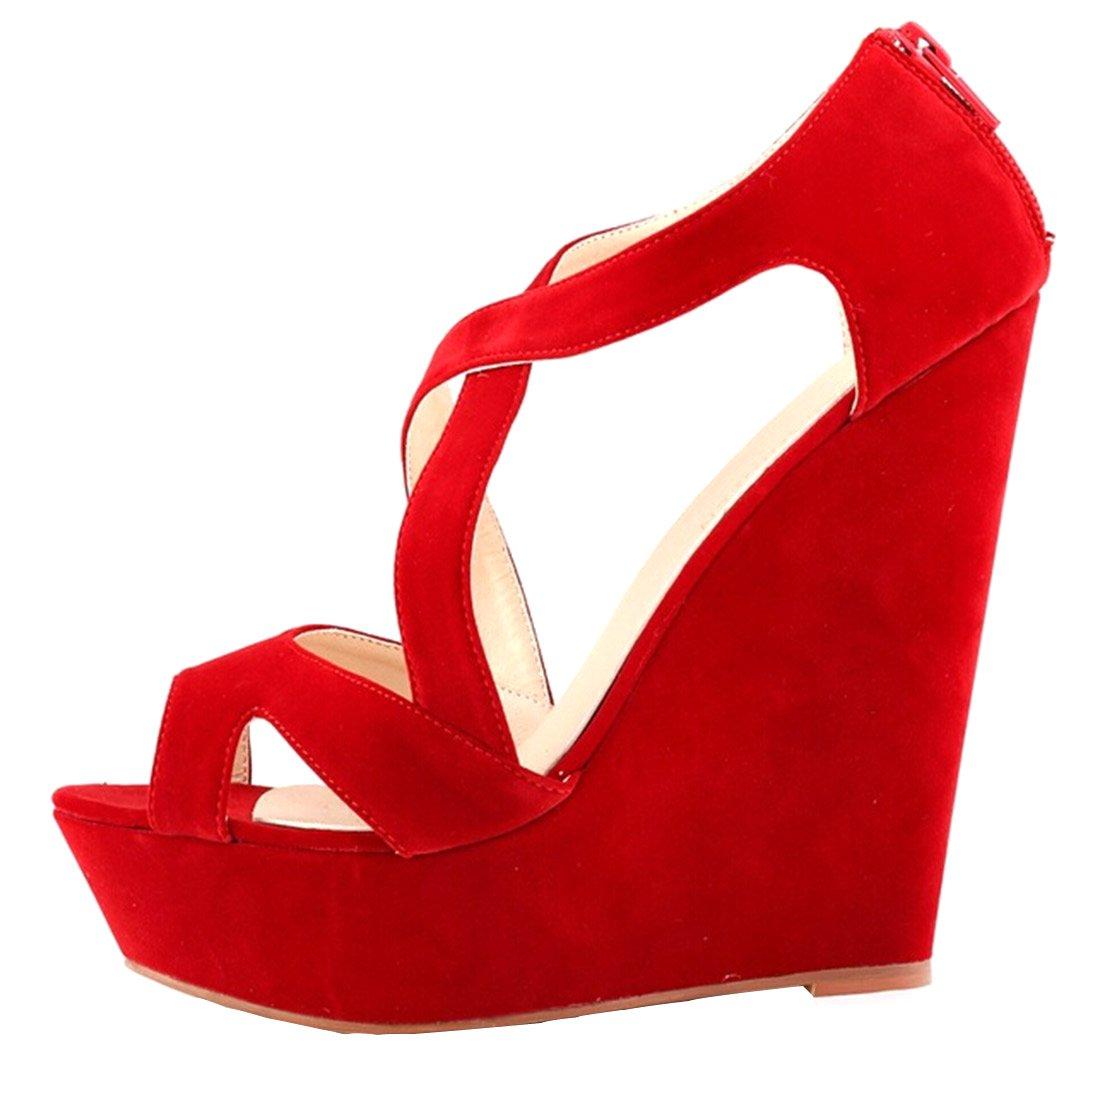 Oasap Mujer Zapatos de Cuñas Solido Multi-Correas Punta Abierta xuKZqZz7dk